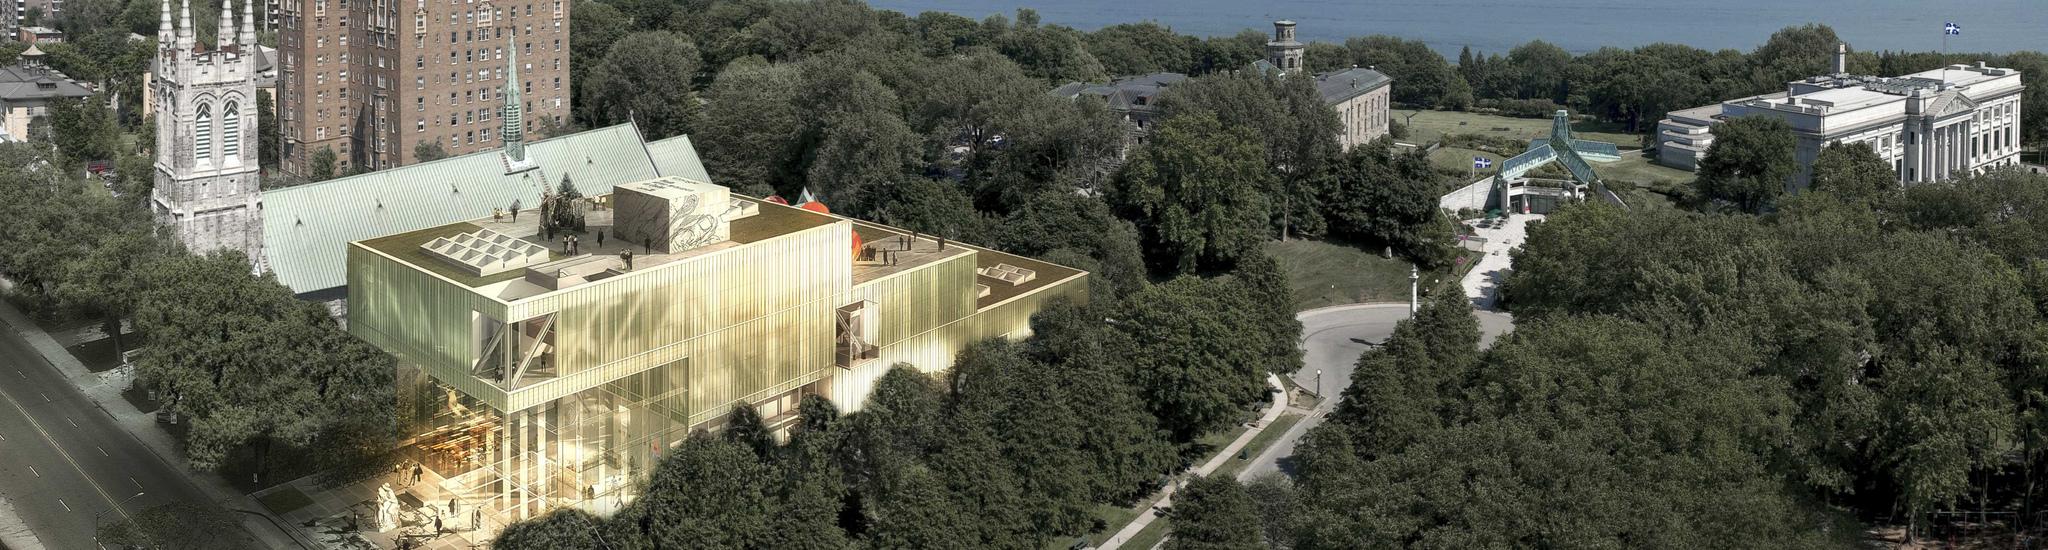 Site Et Architecture à Propos Mnbaq